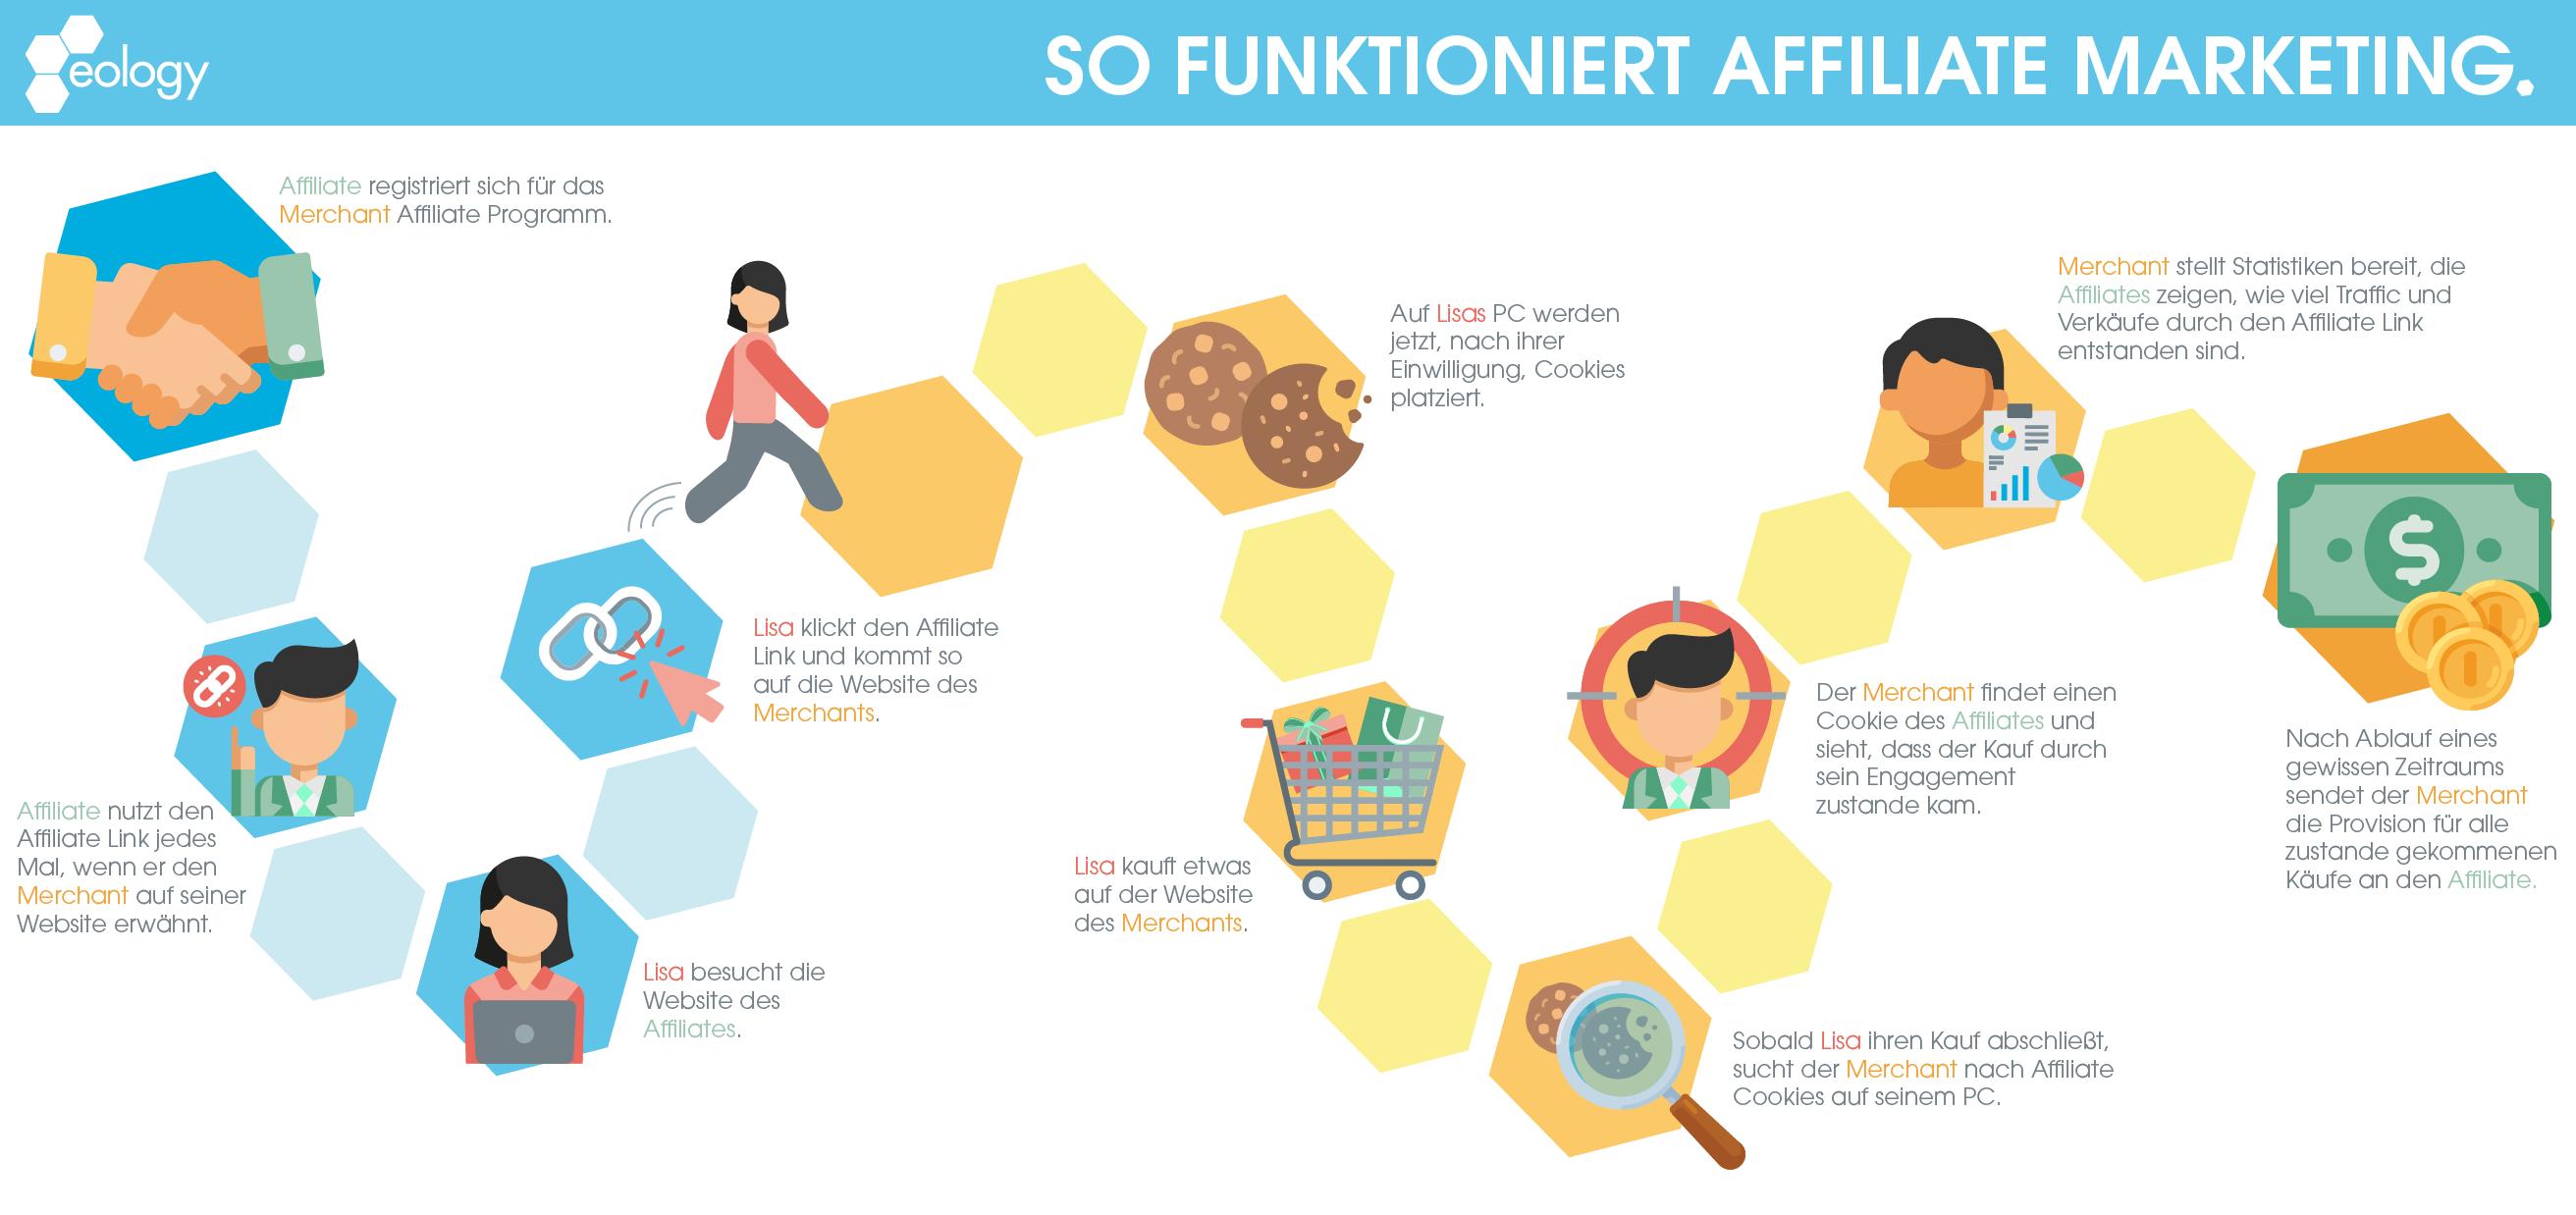 Die Funktionsweise von Affiliate Marketing schrittweise erklärt inklusive Vertragsabschluss, Nutzen des Affiliate Links, Kundenkauf und anschließende Provisionszahlungen